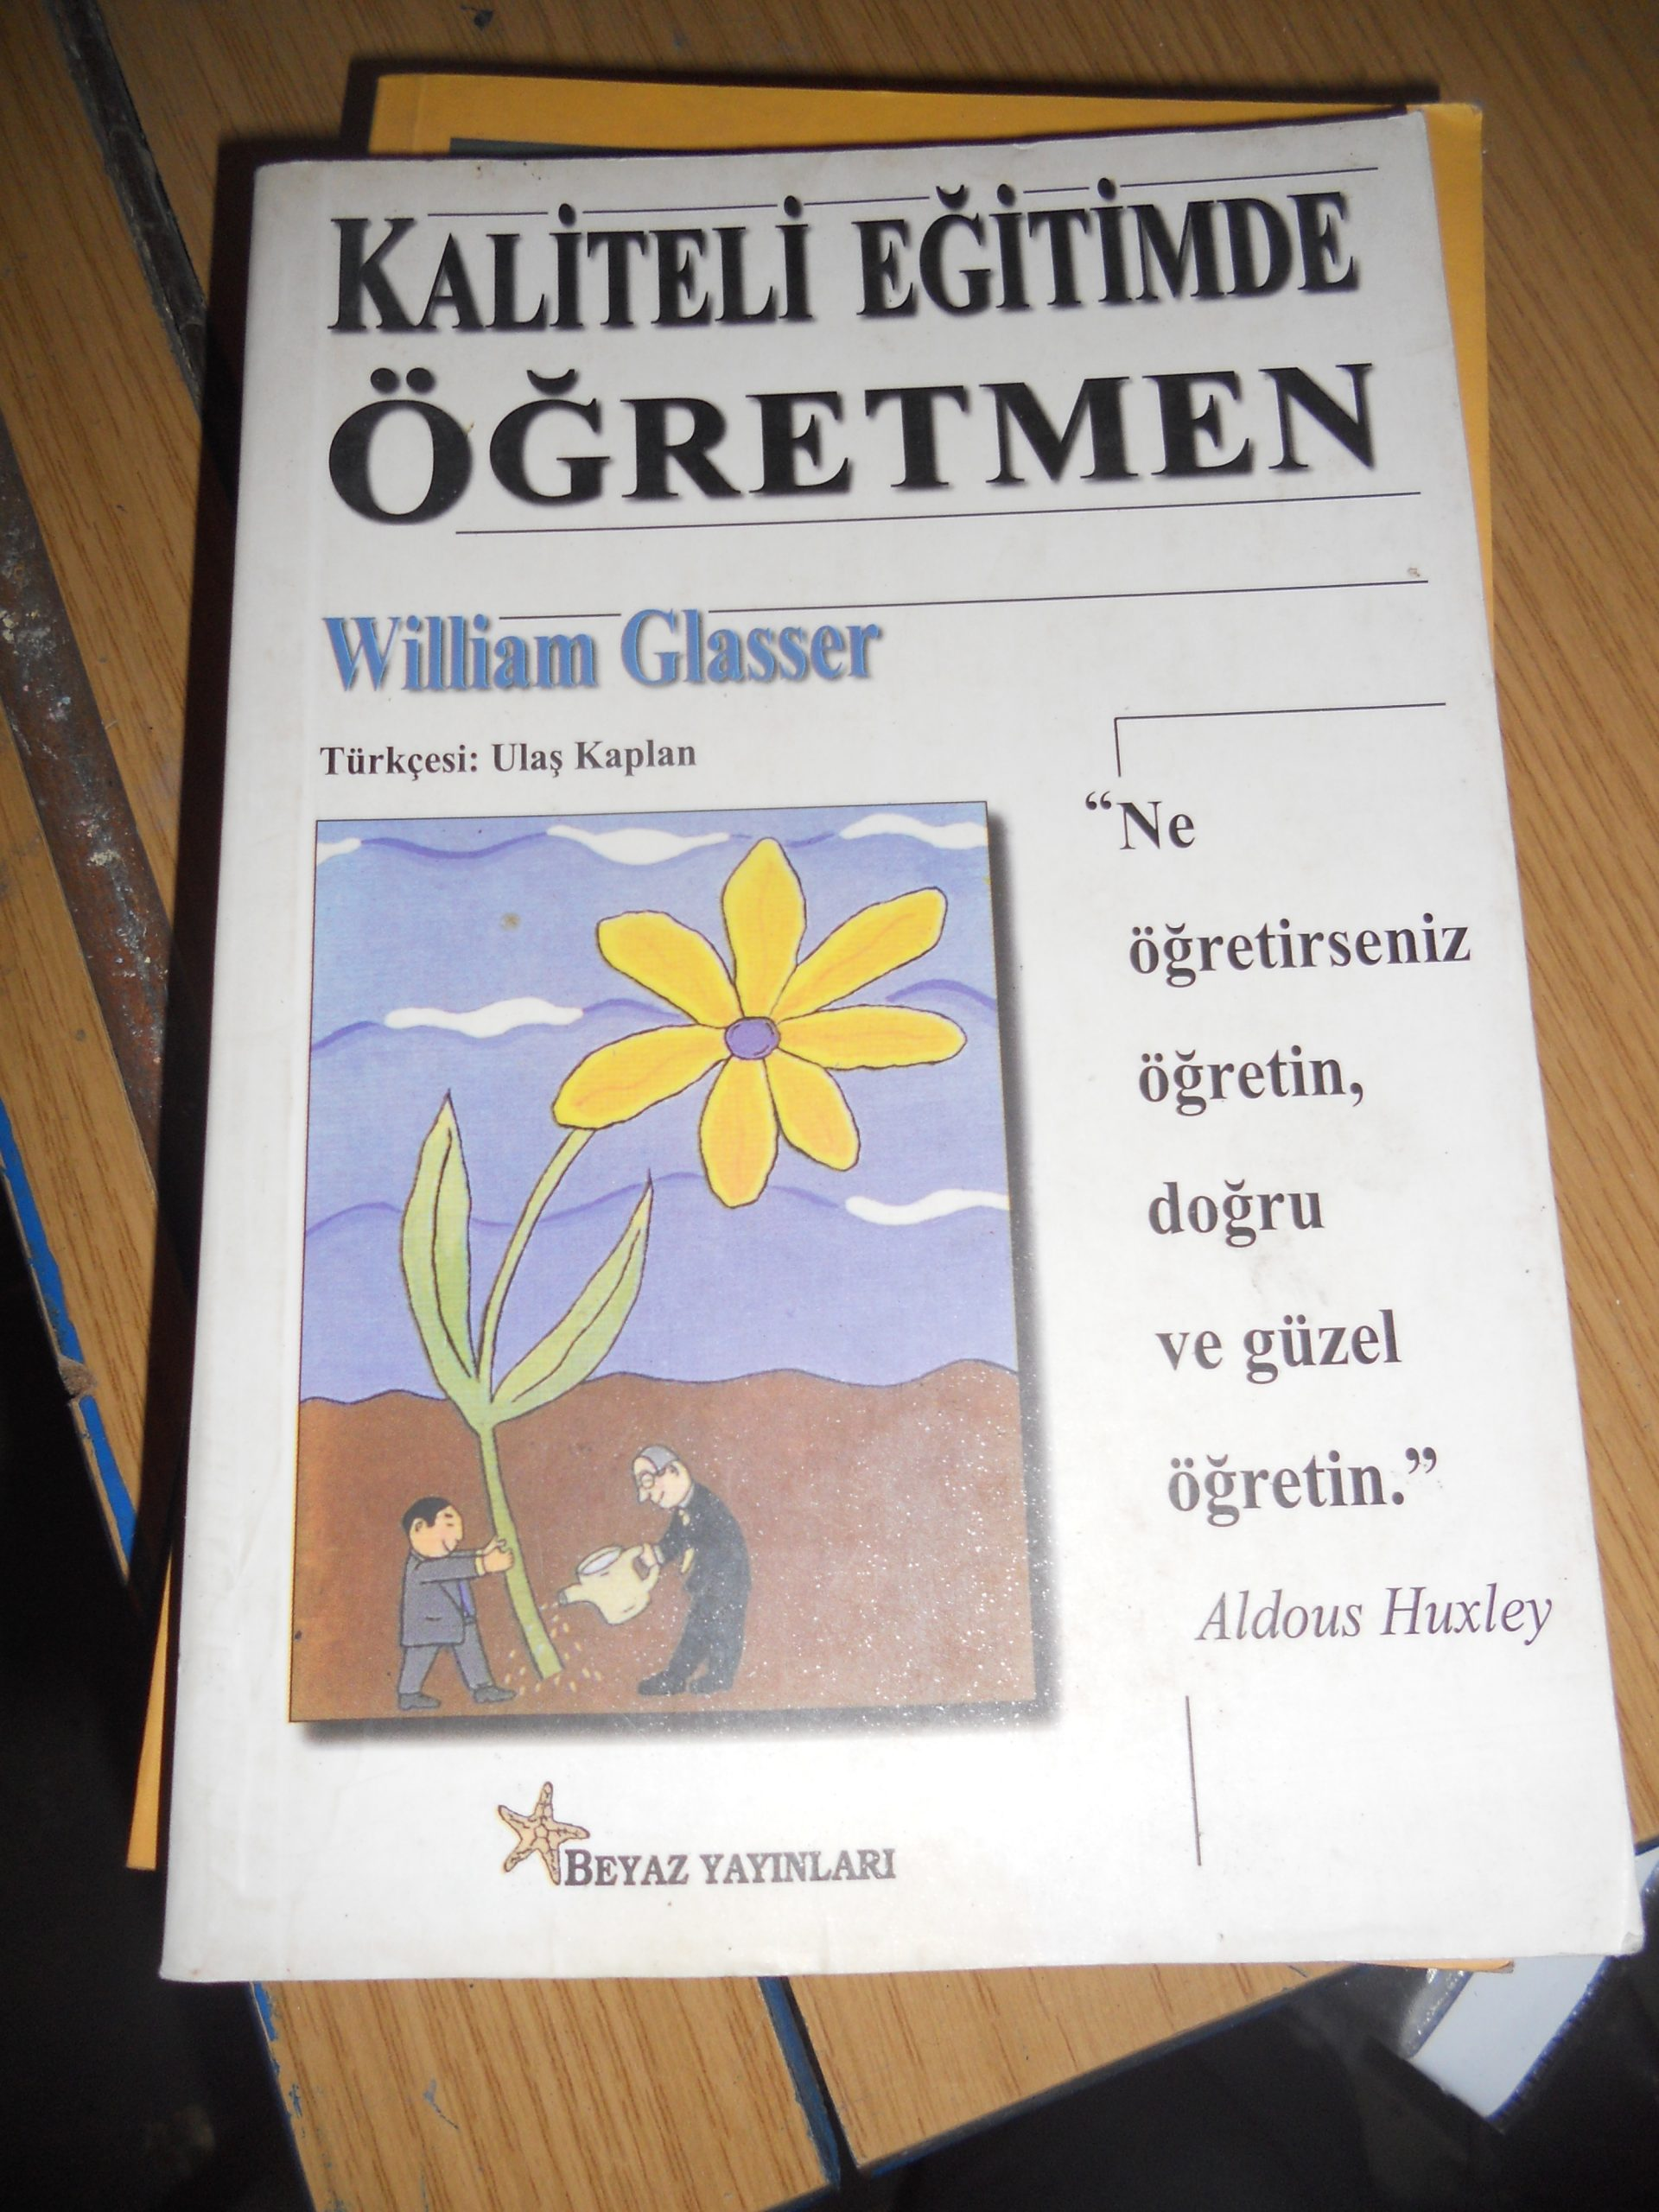 KALİTELİ EĞİTİMDE ÖĞRETMEN/William GLASSER/15 TL